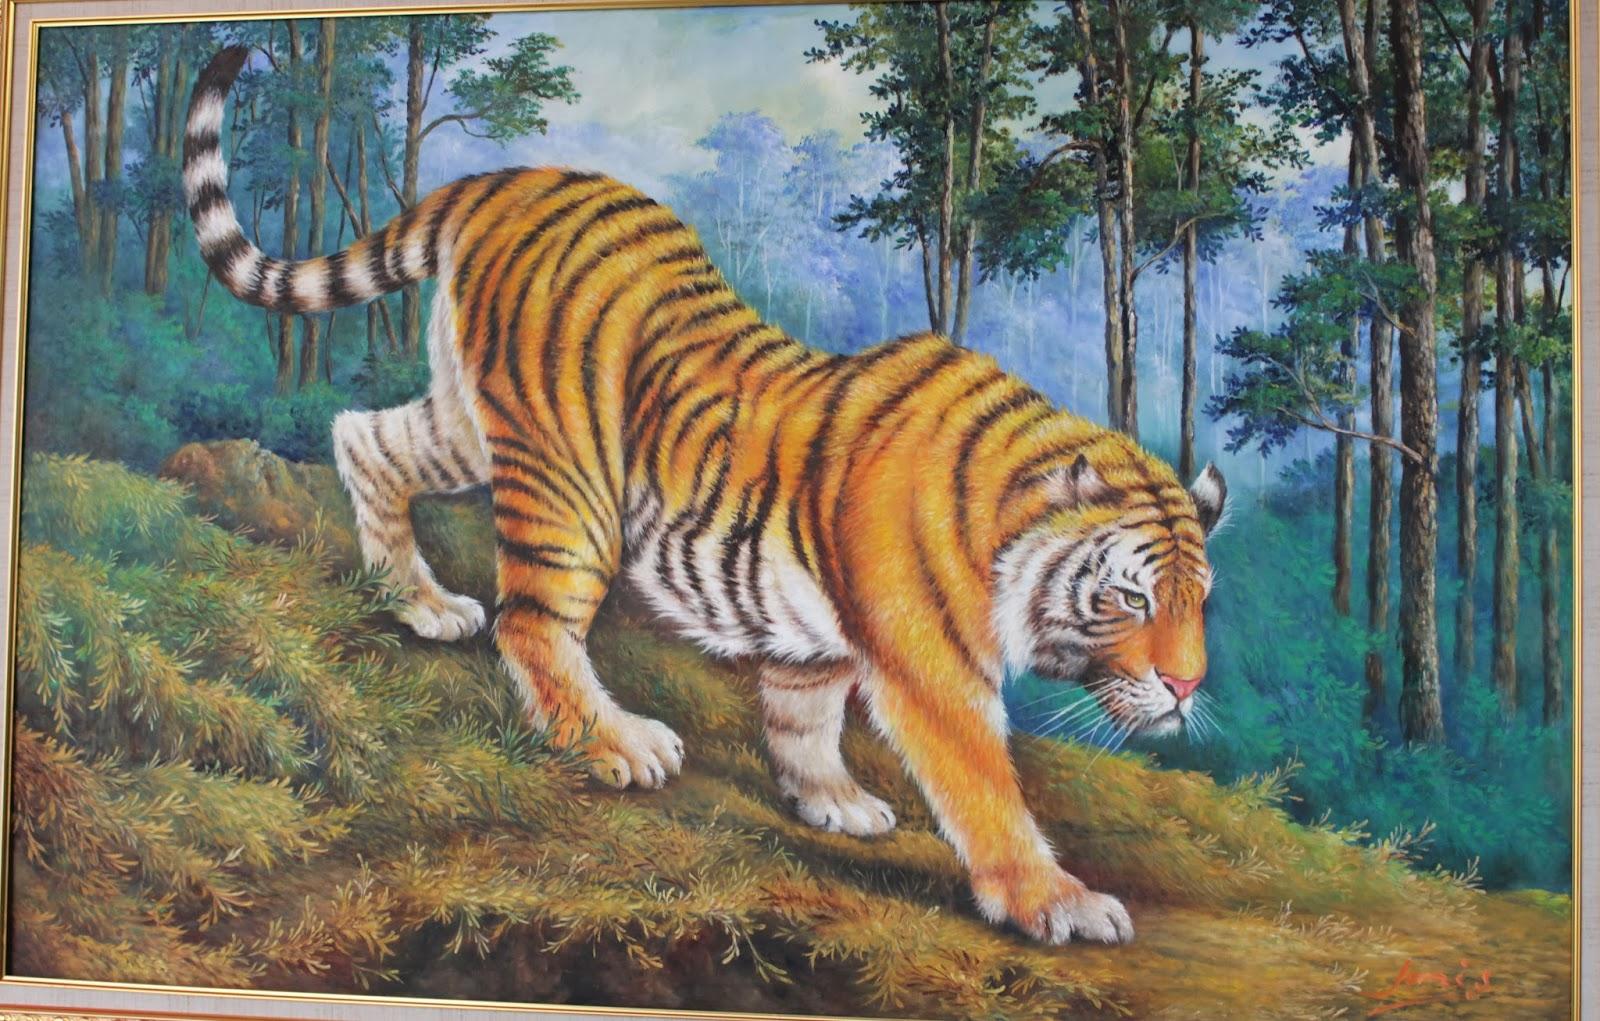 3d Jungle Wallpaper Seni Rupa Lukisan Lukisan Yang Dipamerkan Dalam Pameran